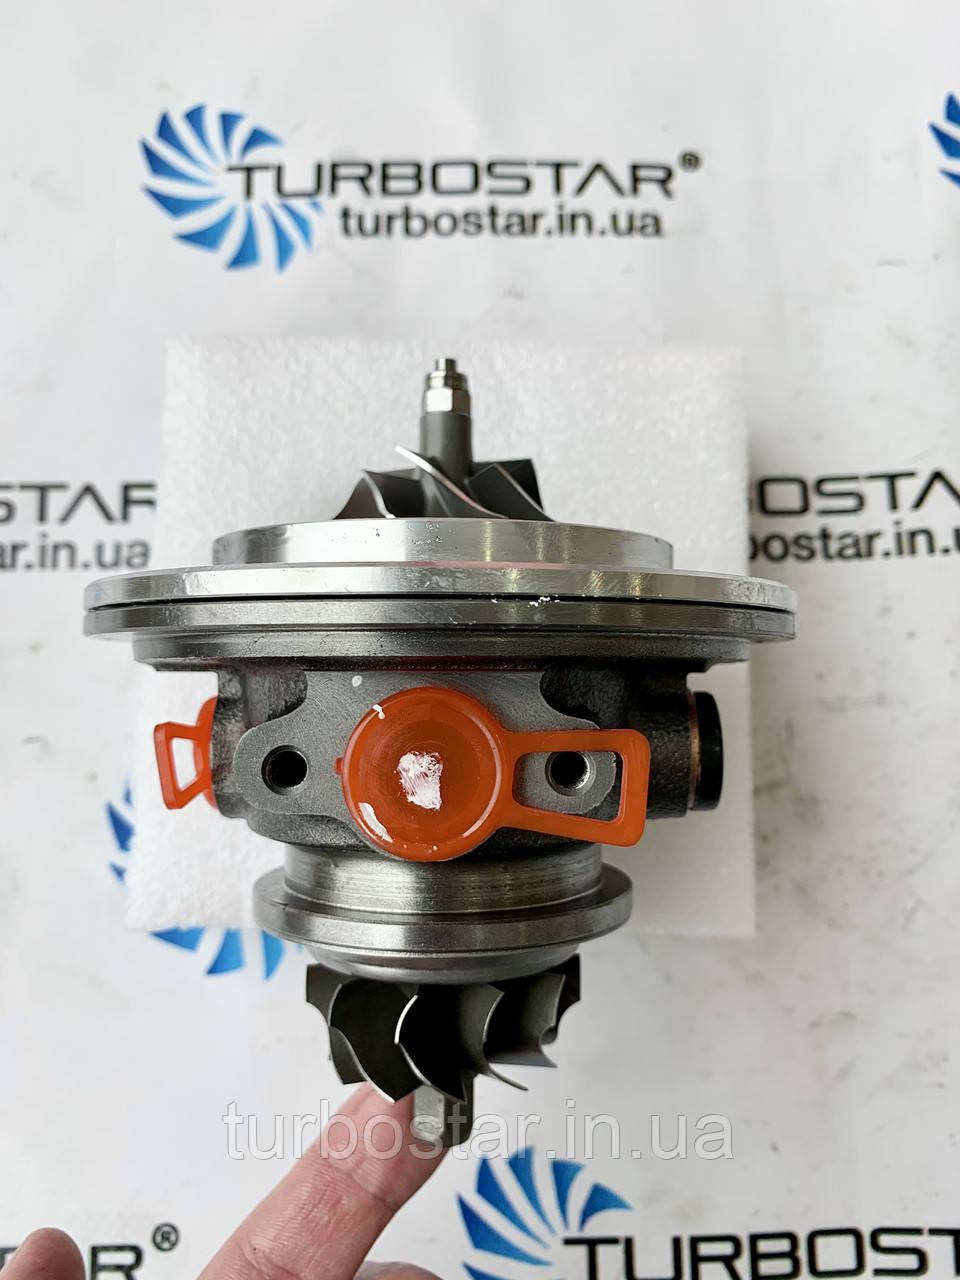 Картридж турбины АУДИ S4/A6/allroad , 2.7l-V6 5V Biturbo/ARE/BES. Мотор 2.7B. 53039700070,53039700016